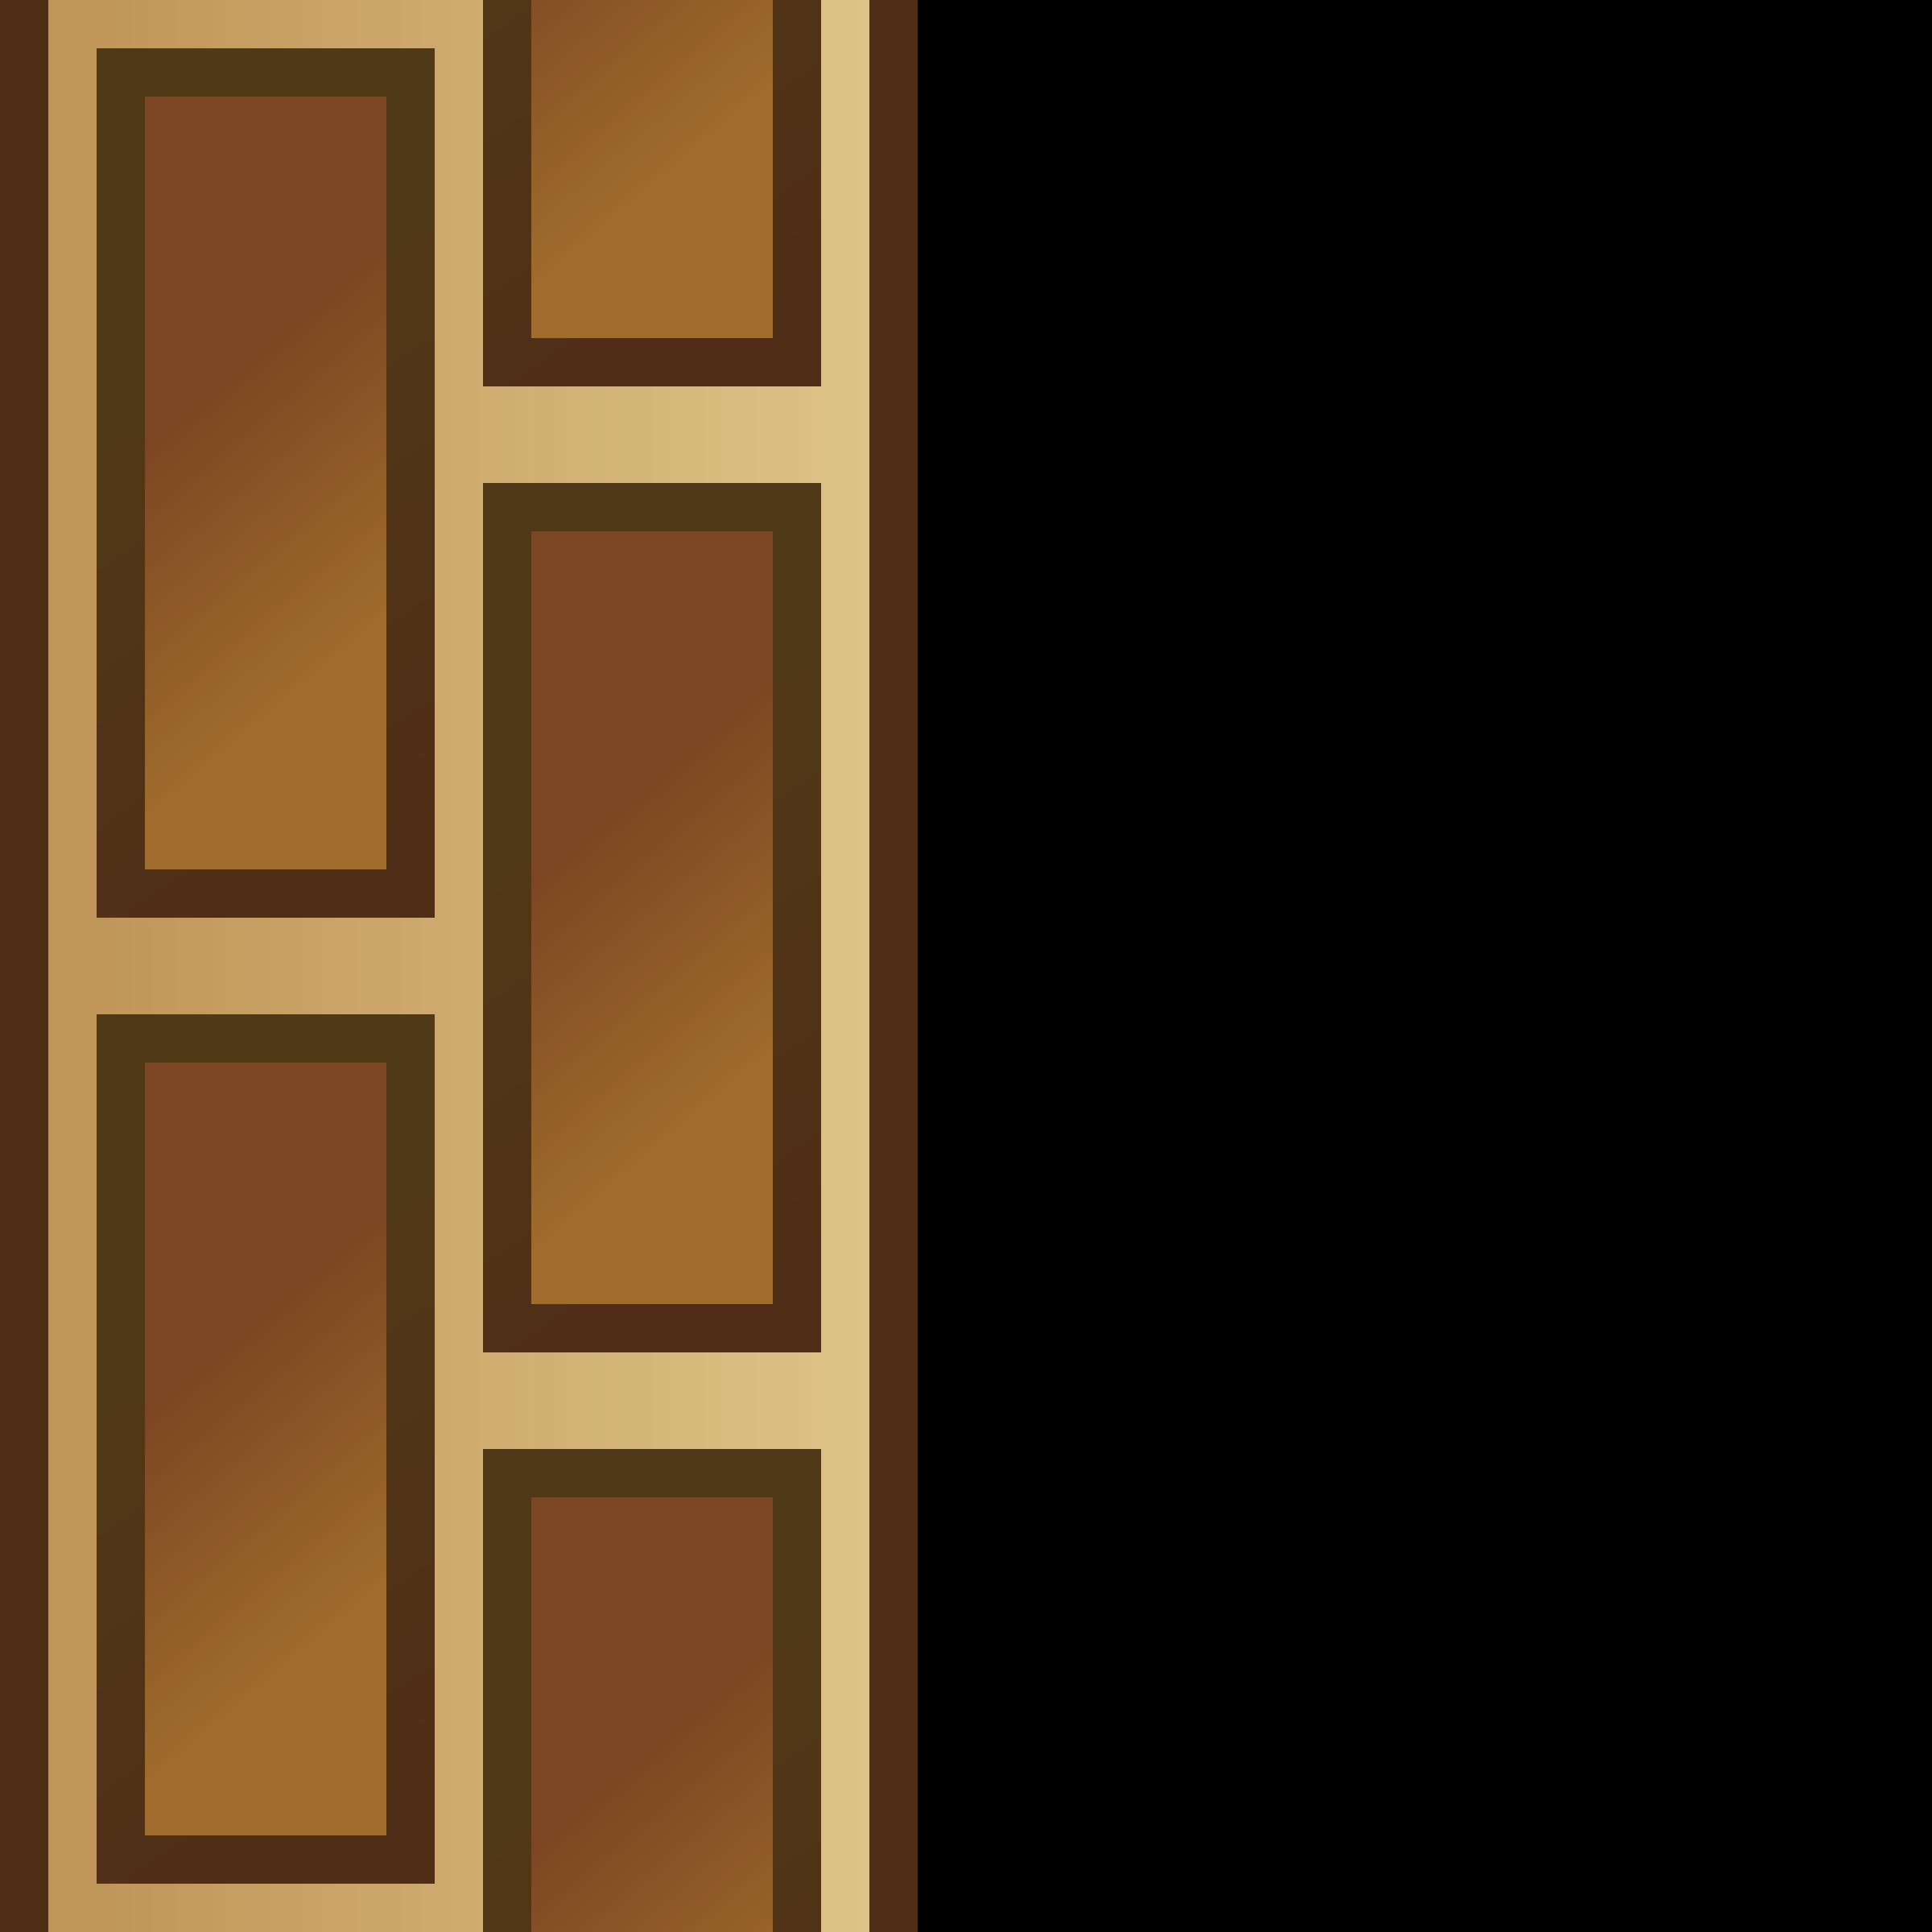 Door clipart border. Rpg map brick big